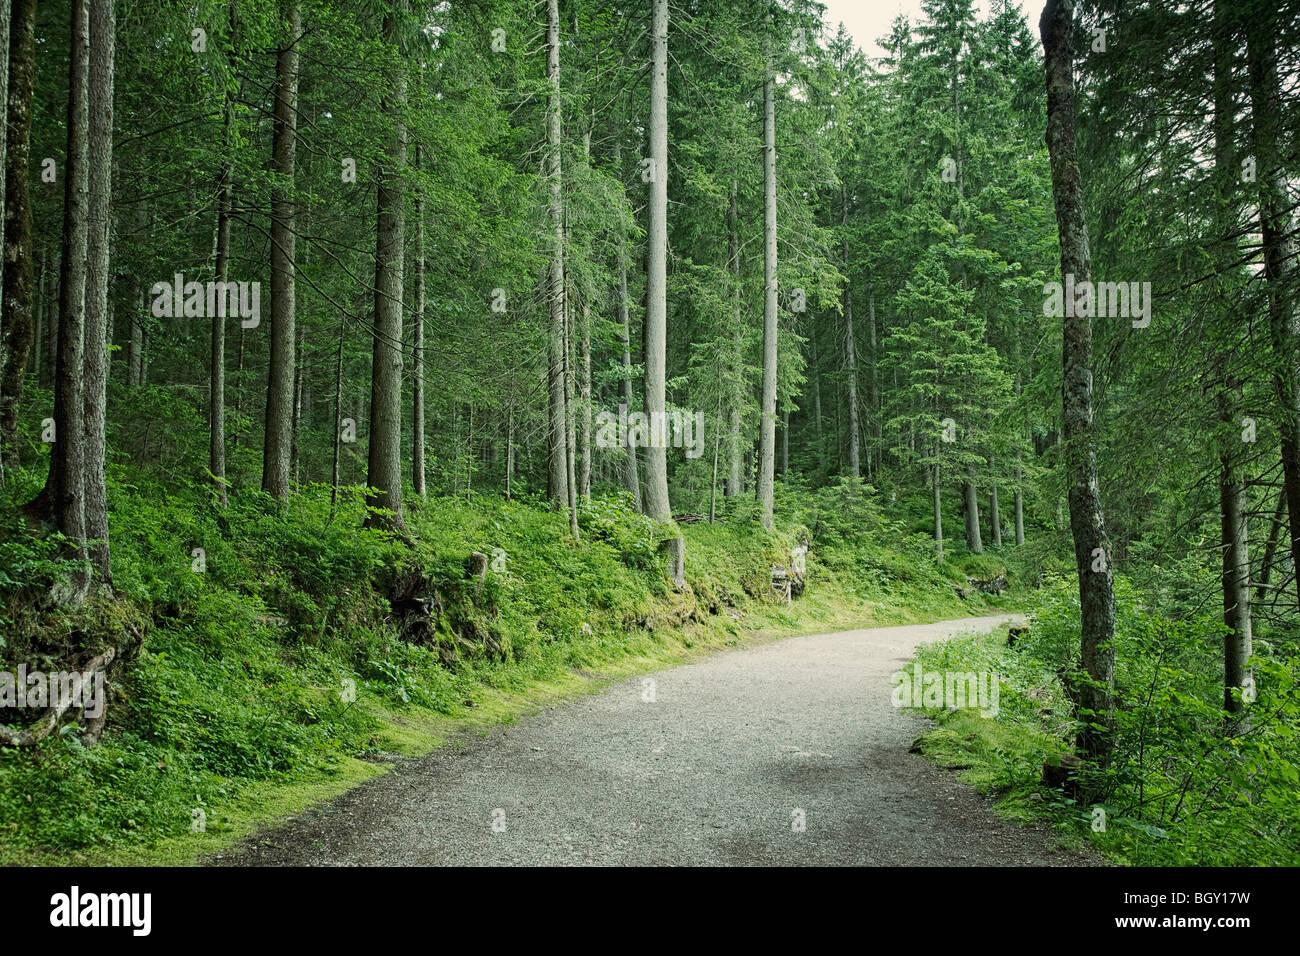 Percorso di foresta sentiero percorso in Baviera Germania Europa Immagini Stock